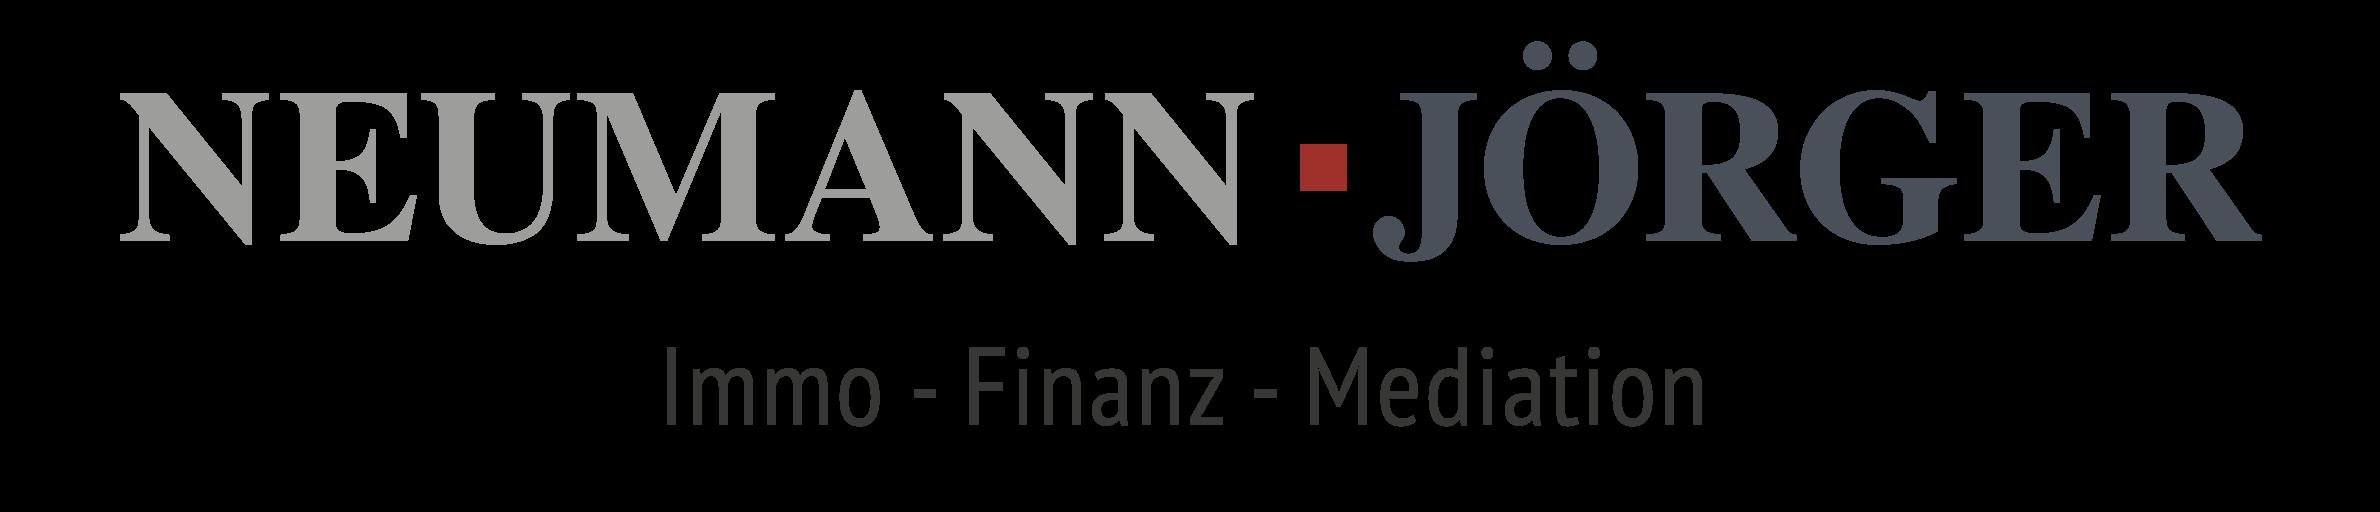 Neuman • Jörger | Immo - Finanz - Mediation ist Ihr Ansprechpartner in der Region Ortenau / Offenburg